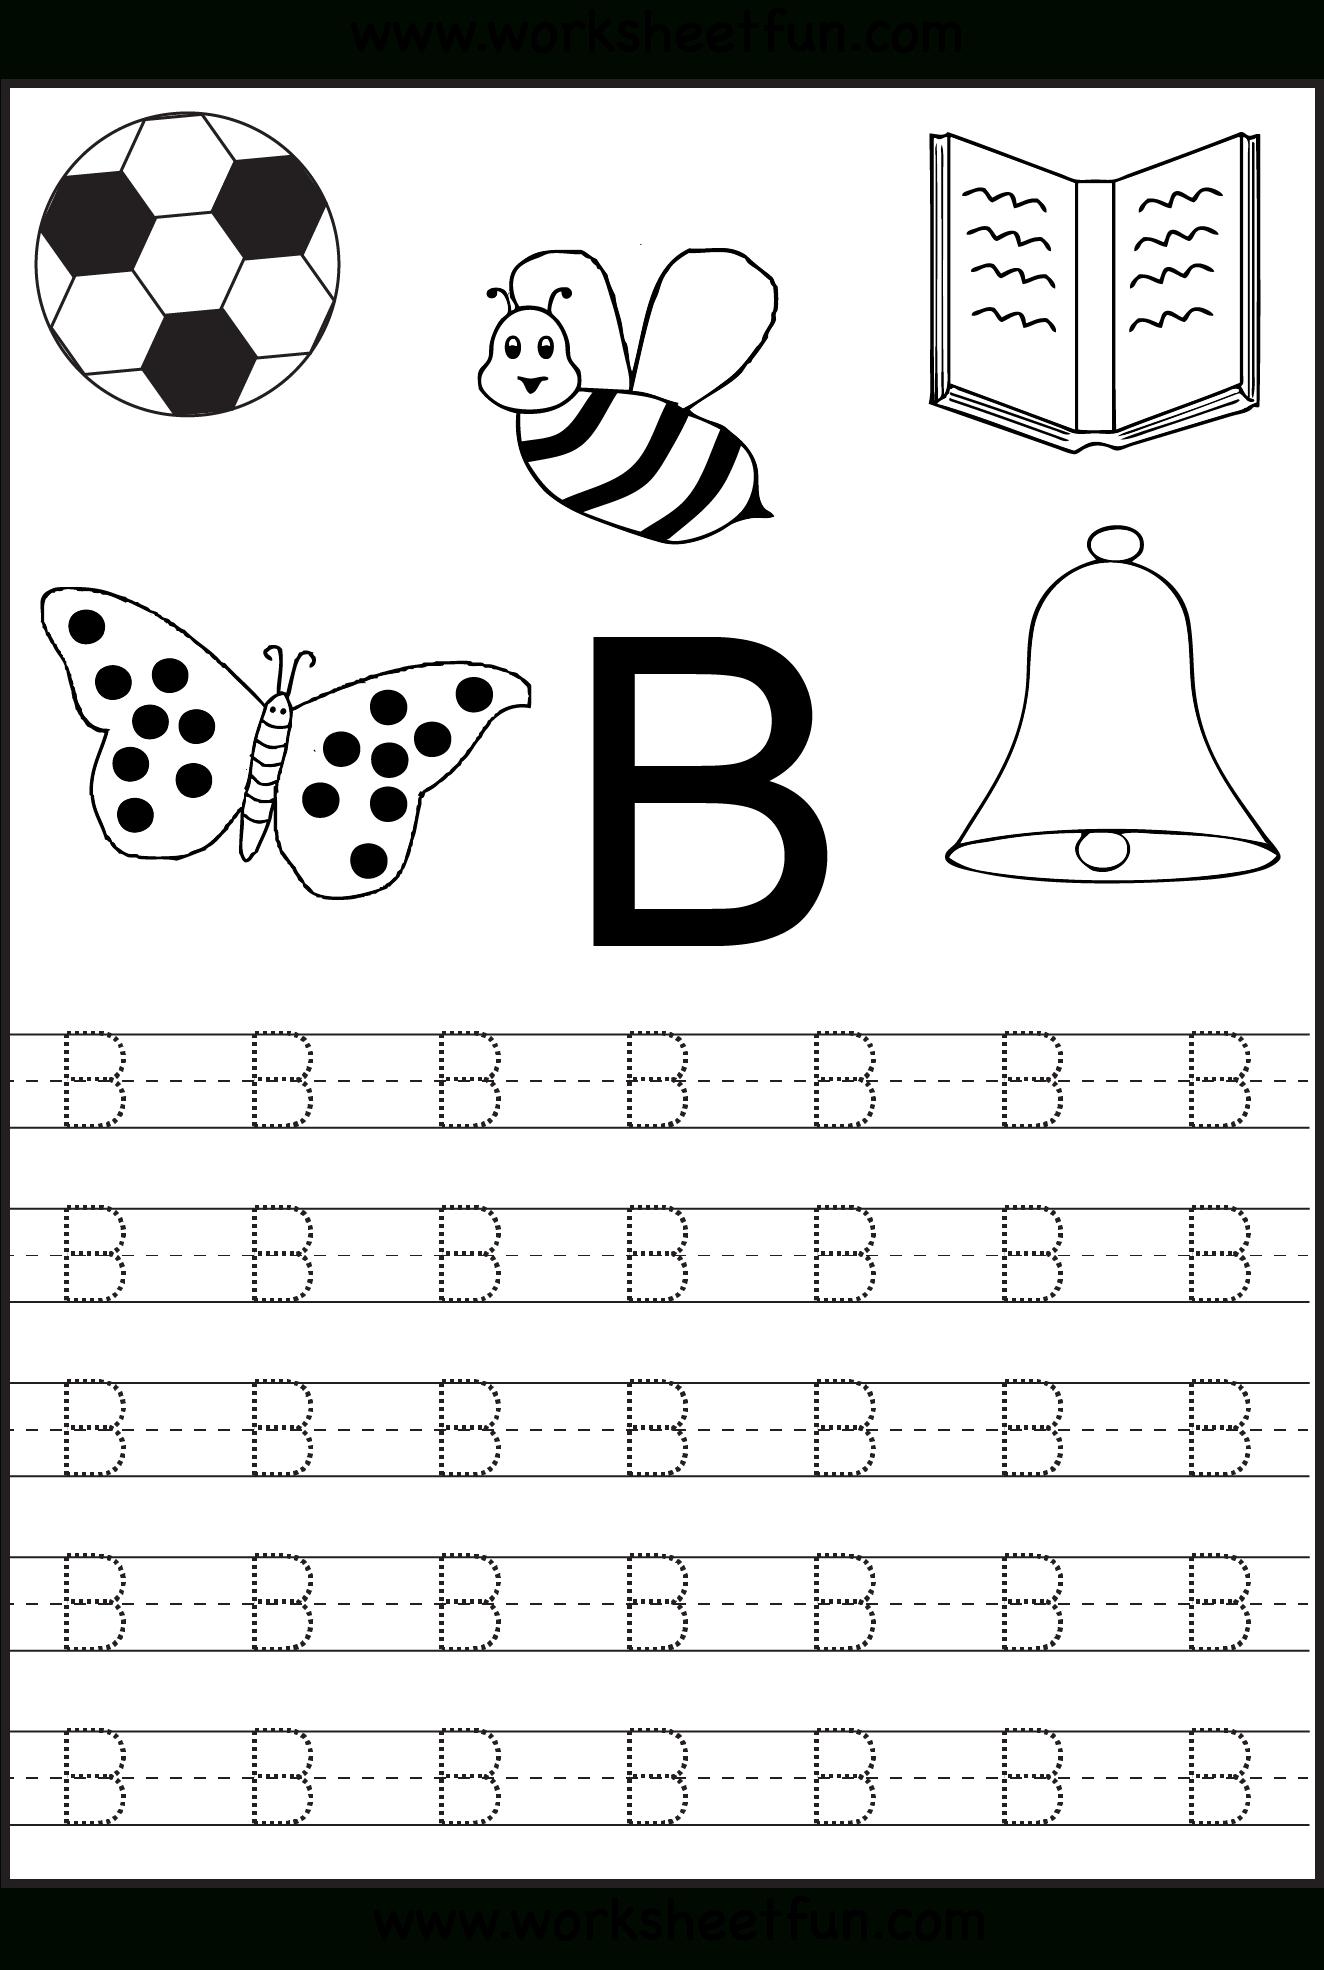 Printing Worksheets For Kids Practice Kindergarten Alphabet intended for Printable Tracing Letters For Kindergarten